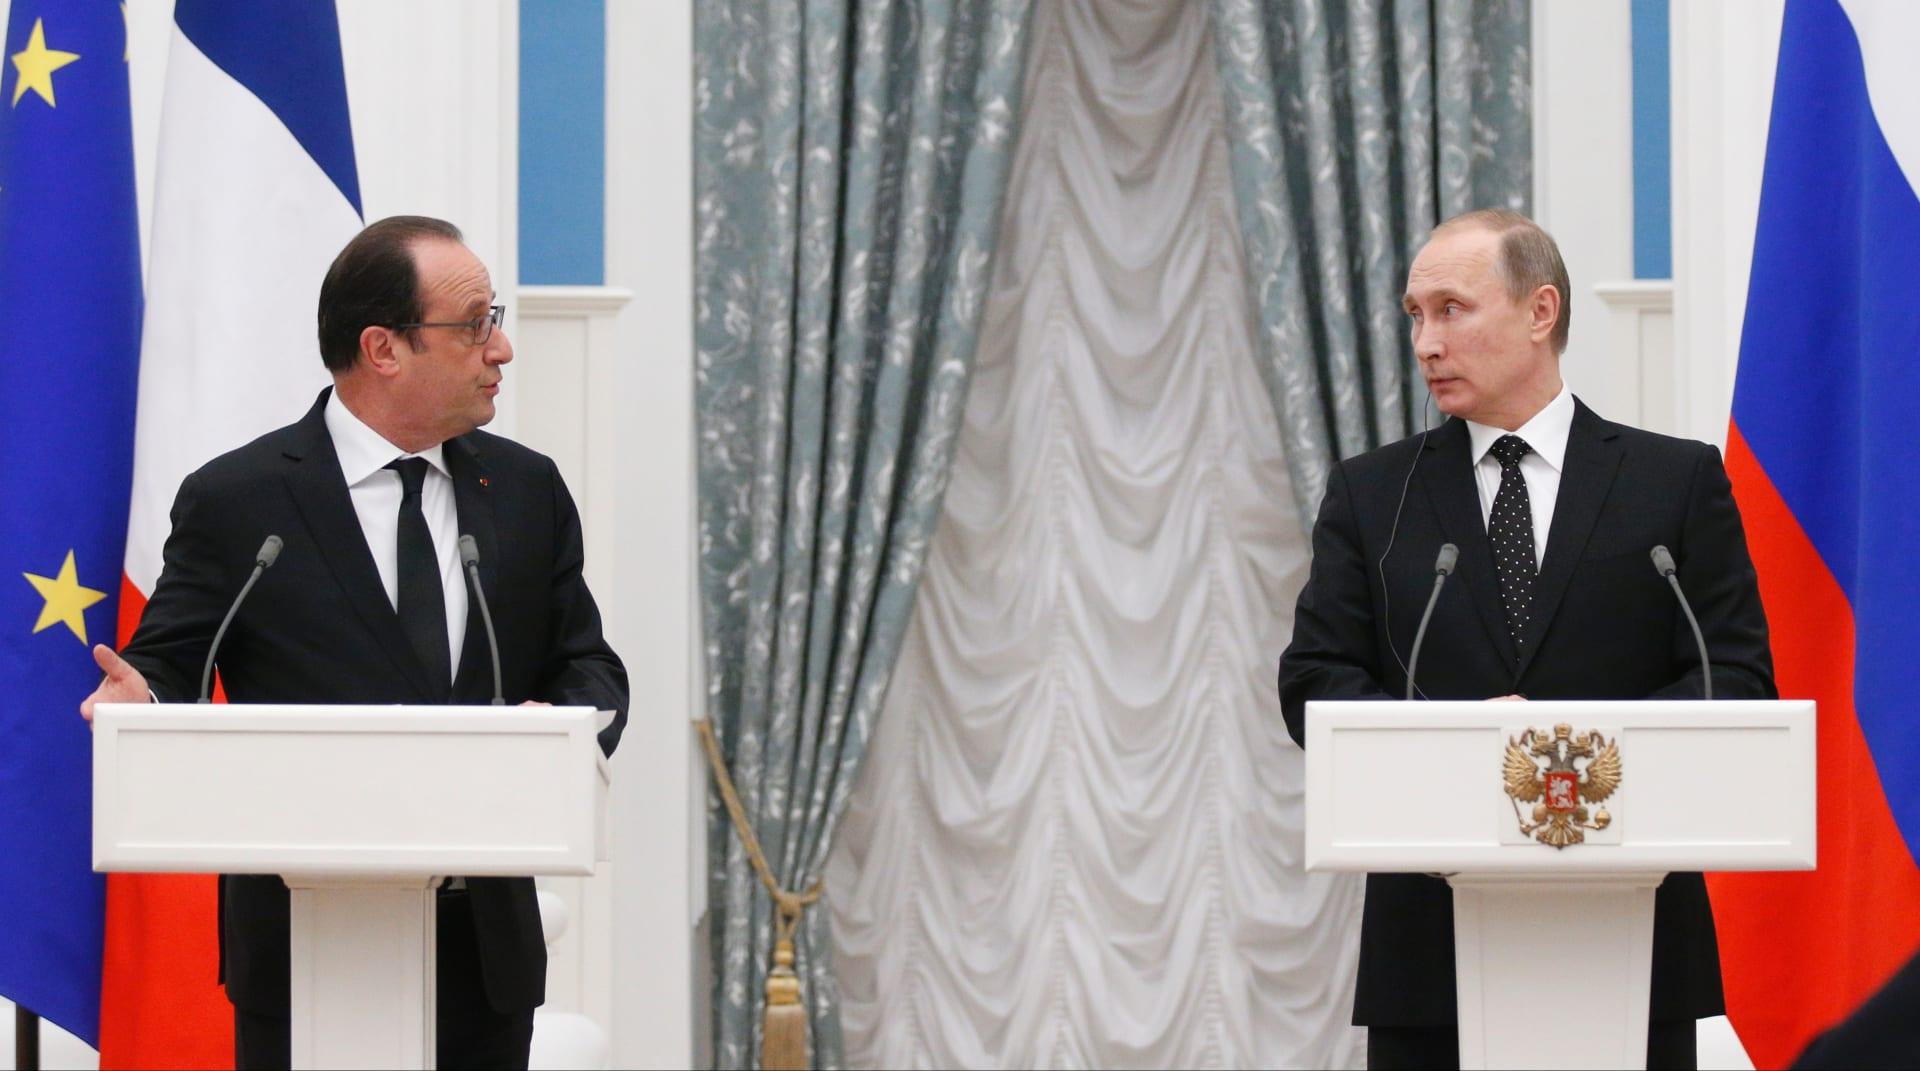 """بوتين: كنا نعتبر تركيا دولة صديقة.. وهولاند: من الضروري تجنب أي تصعيد ومحاربة """"داعش"""" هي الأولوية"""